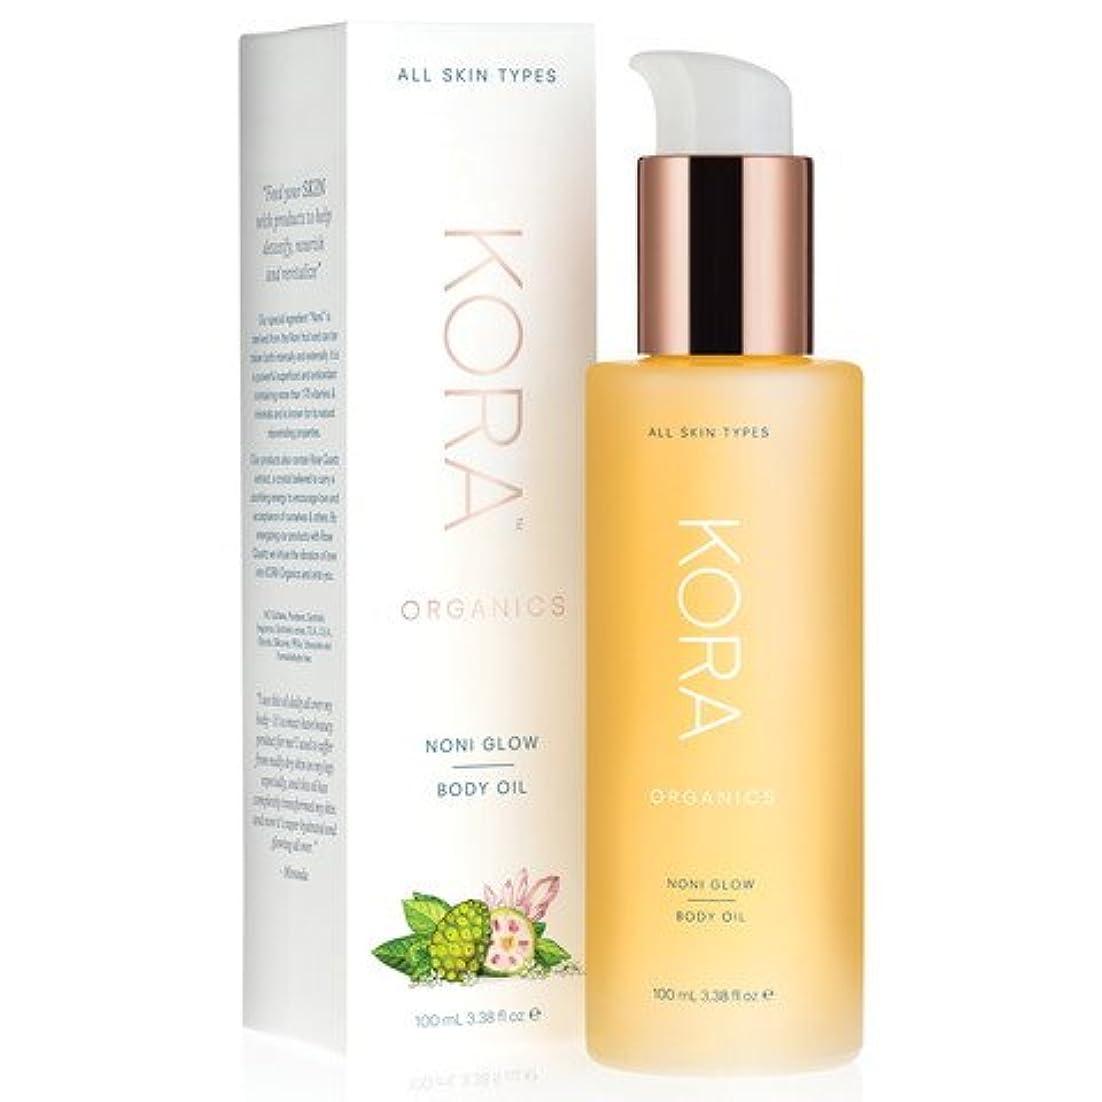 カメ仕事例示する[Kora Organics]ノニ グロー Bodyオイル(全身用?ボディオイル )[Noni Glow Body Oil][海外直送品]